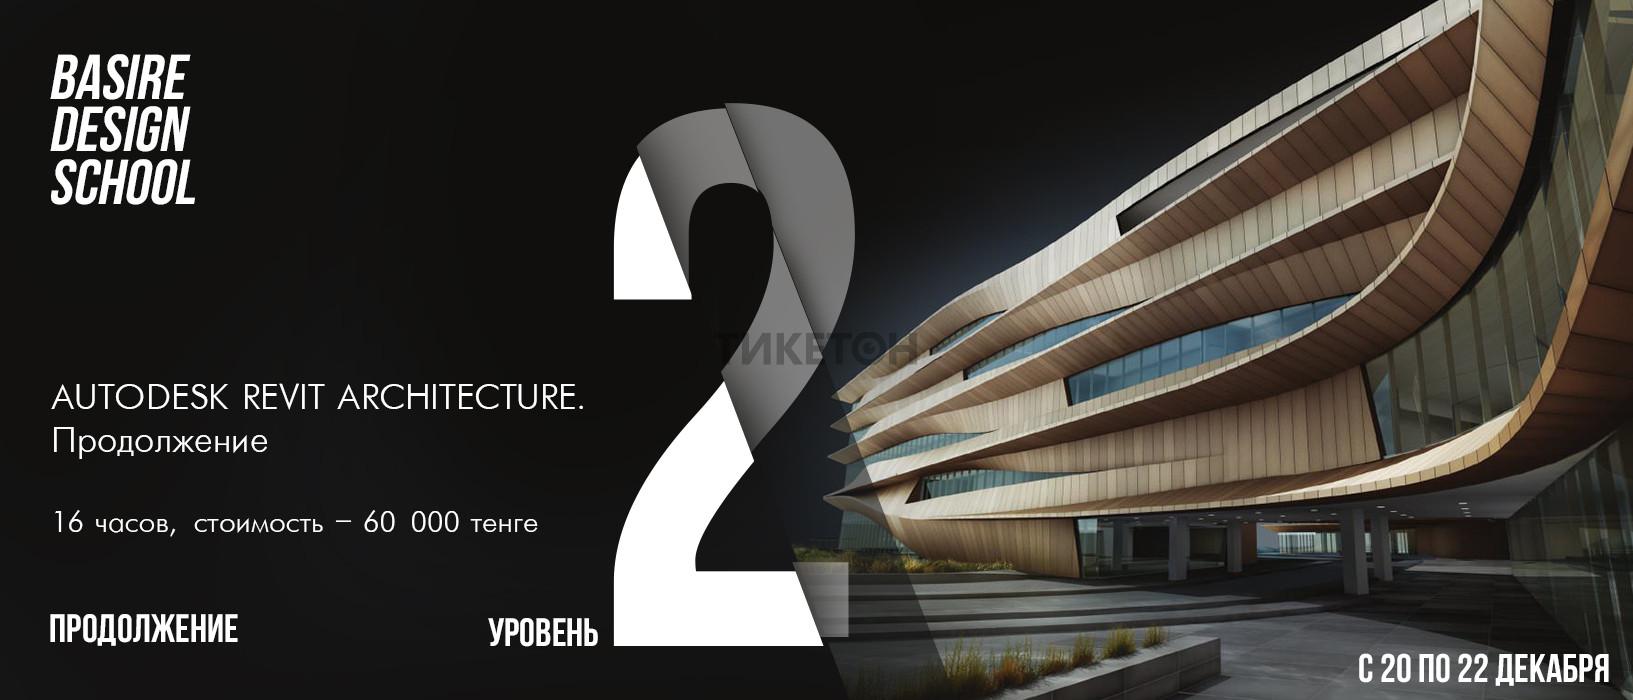 «Autodesk Revit Architecture. Продолжение»